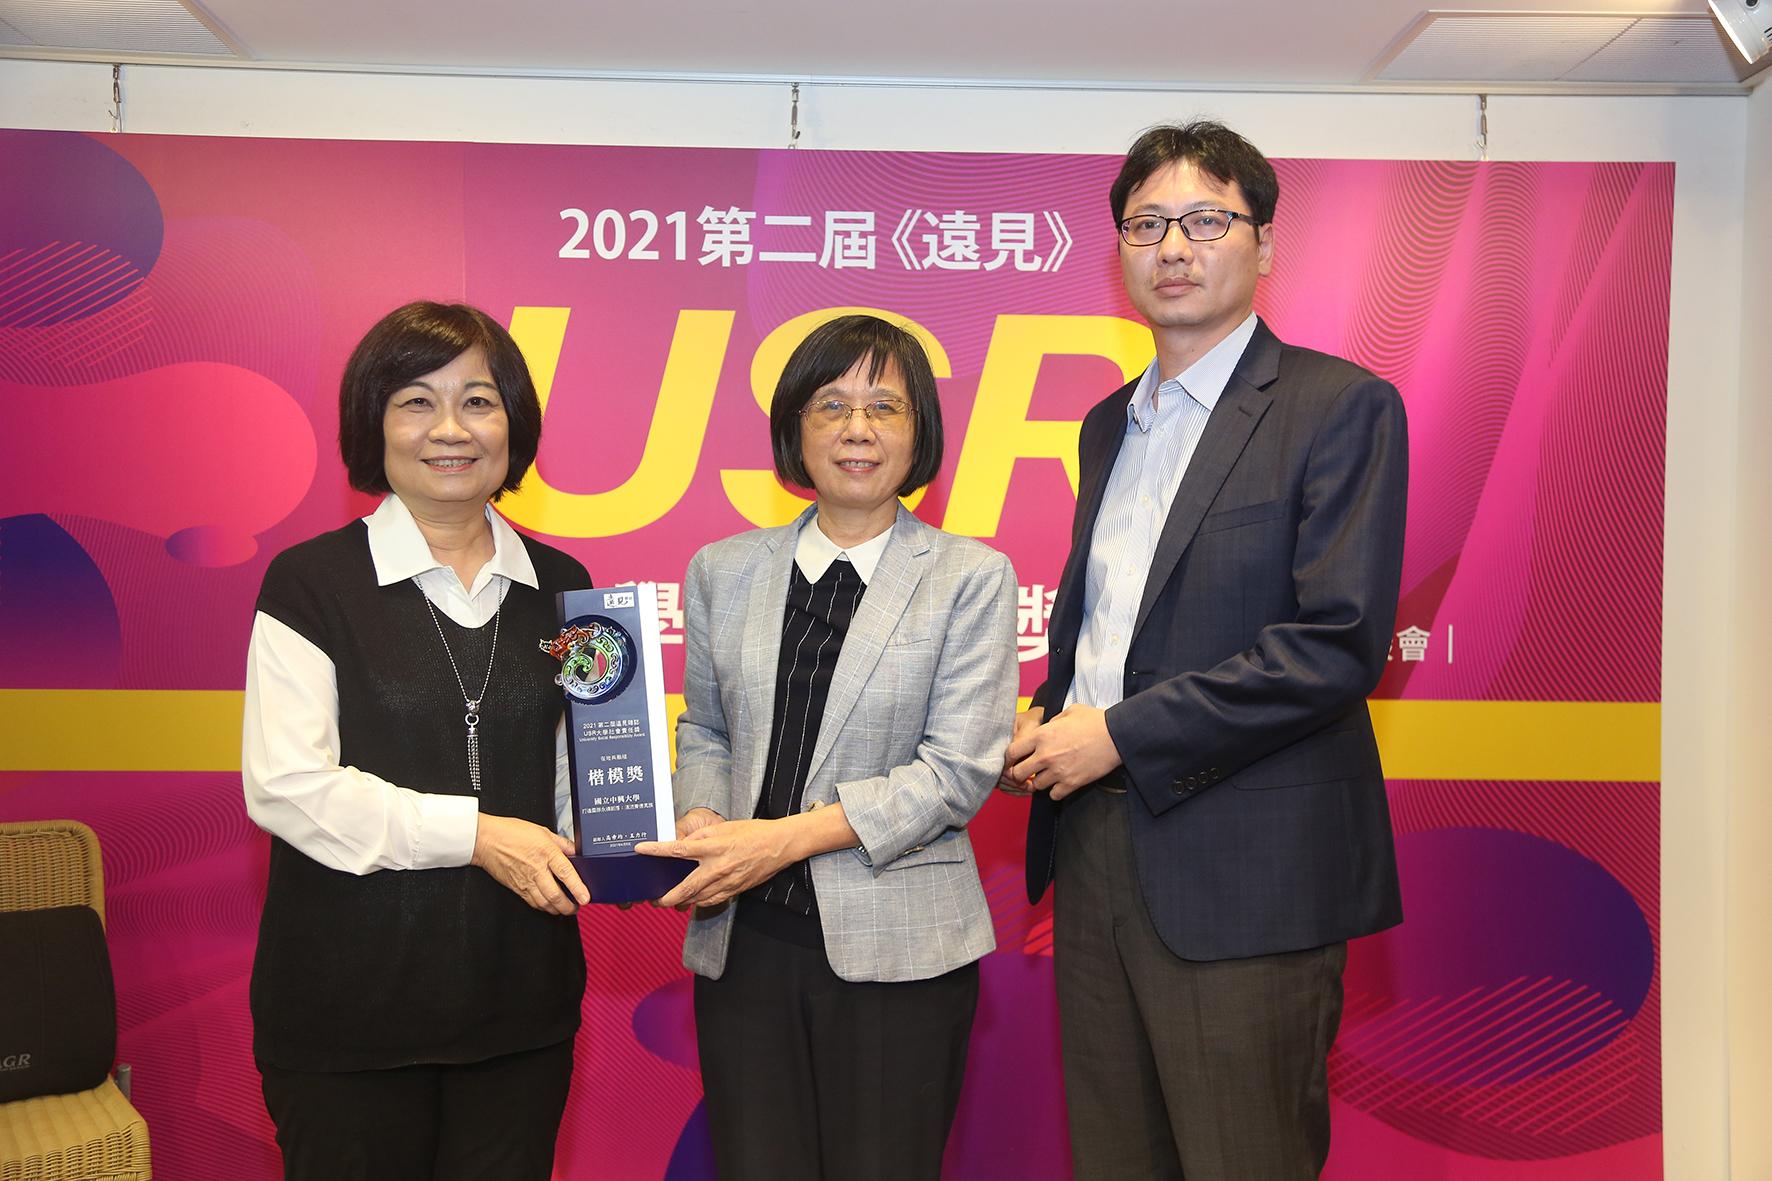 興大USR團隊 榮獲《遠見》大學社會責任楷模獎-社會責任